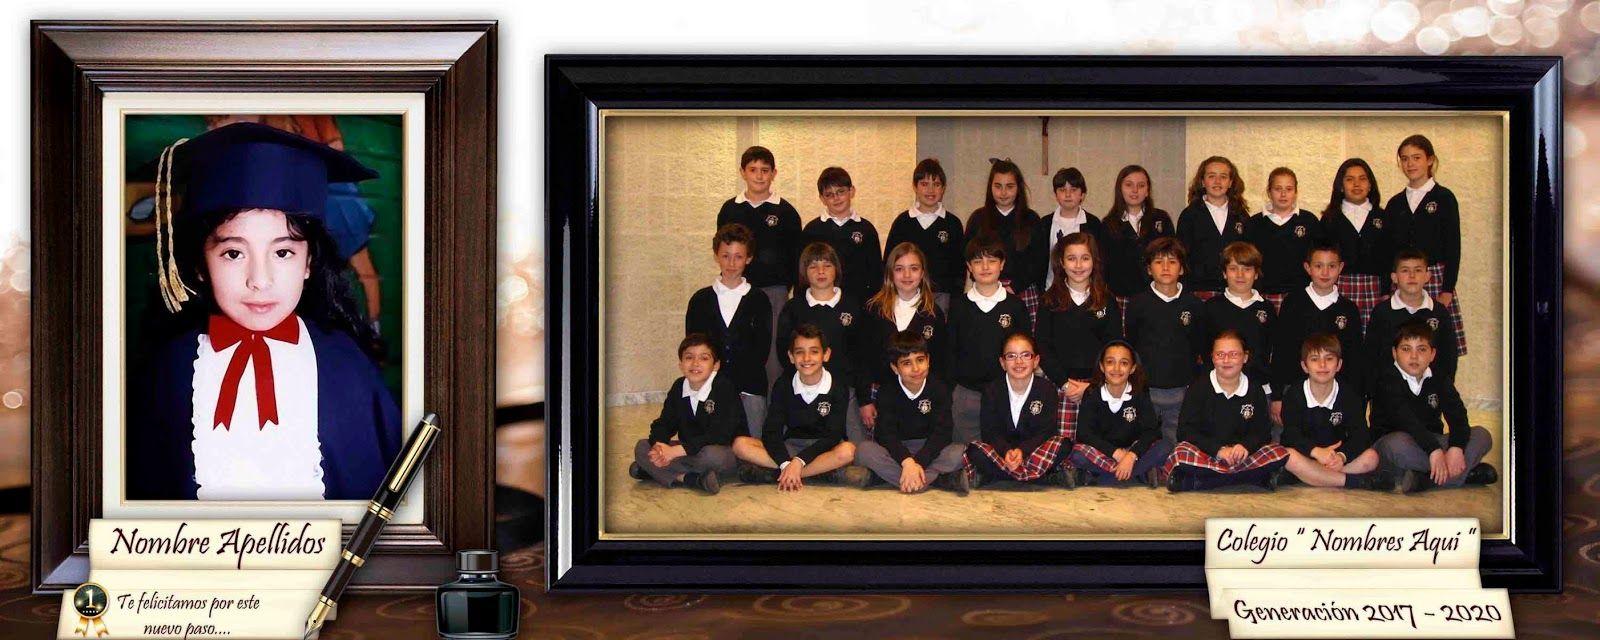 Marco para fotos de graduación - Plantillas para Photoshop 2014 ...